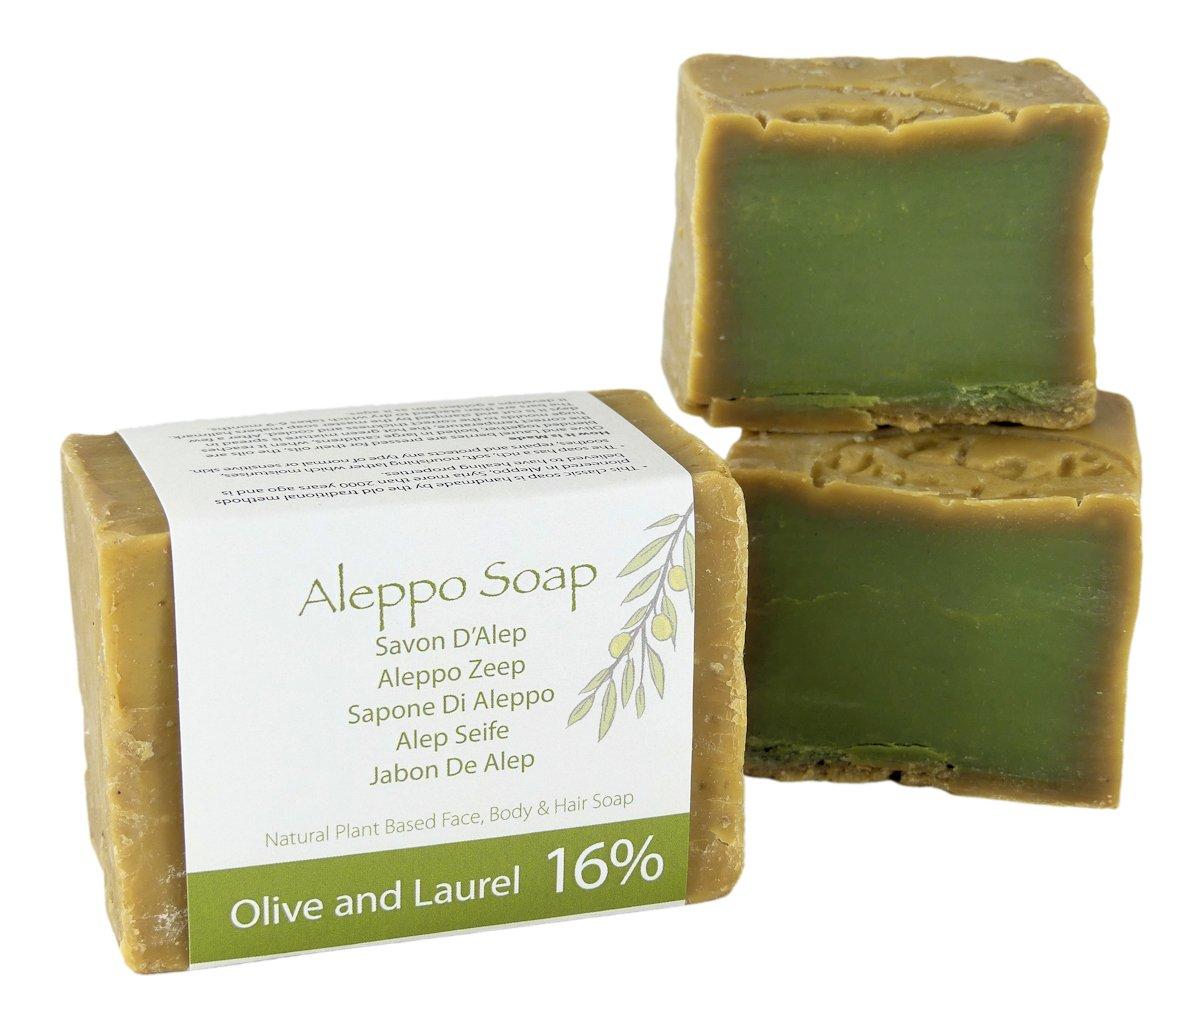 savon d'alep aleppo soap